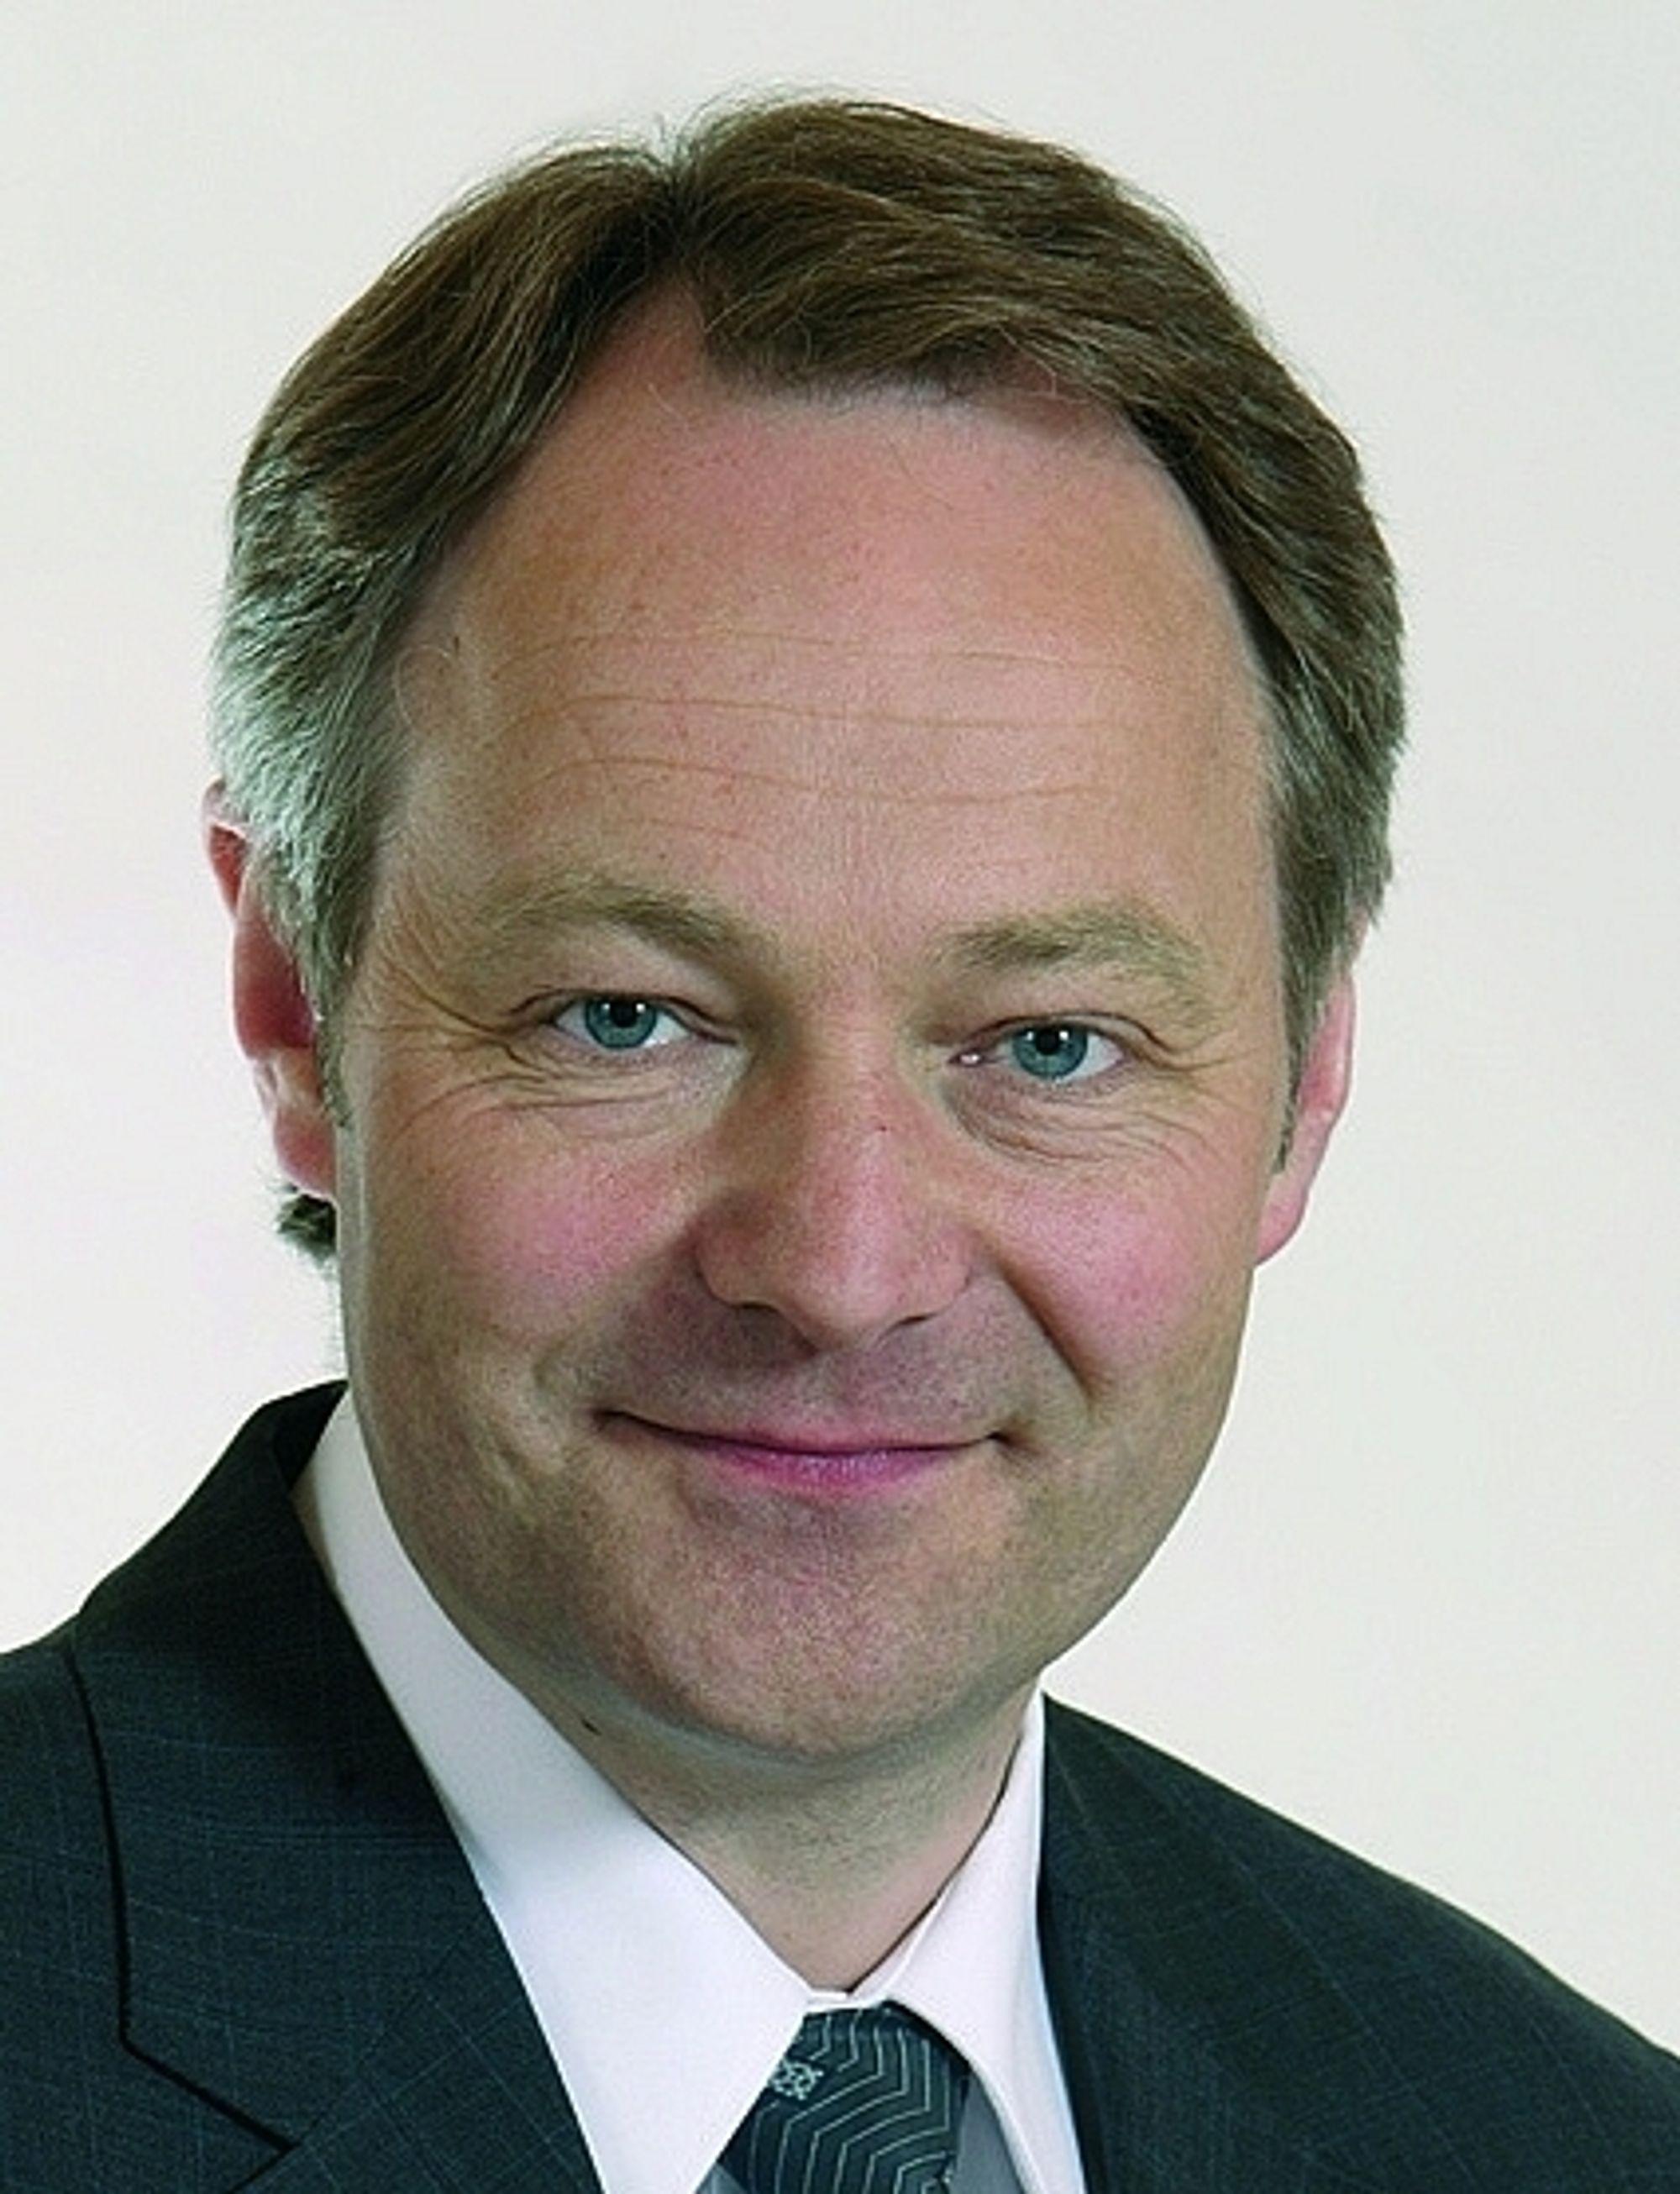 RYKKER OPP: Arne Malonæs rykker opp som ny leder av YIT Building and Industrial Services.